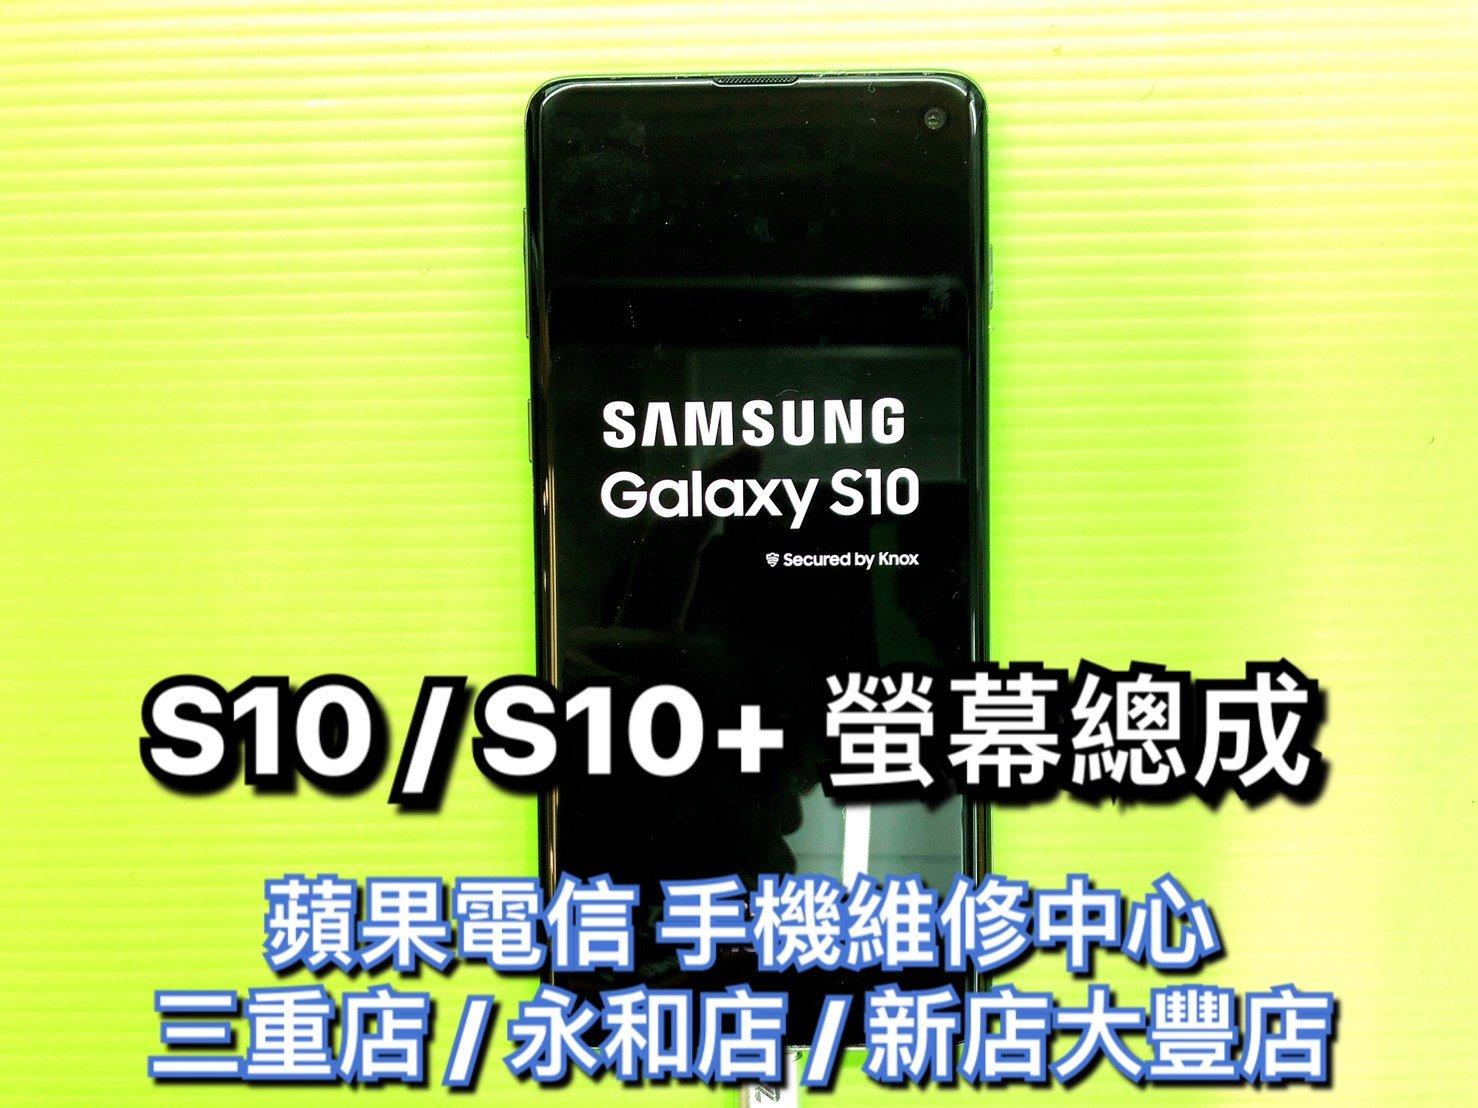 三重/永和【三星維修】三星 S10 S10+ 螢幕總成 玻璃破裂 觸控面板 換螢幕